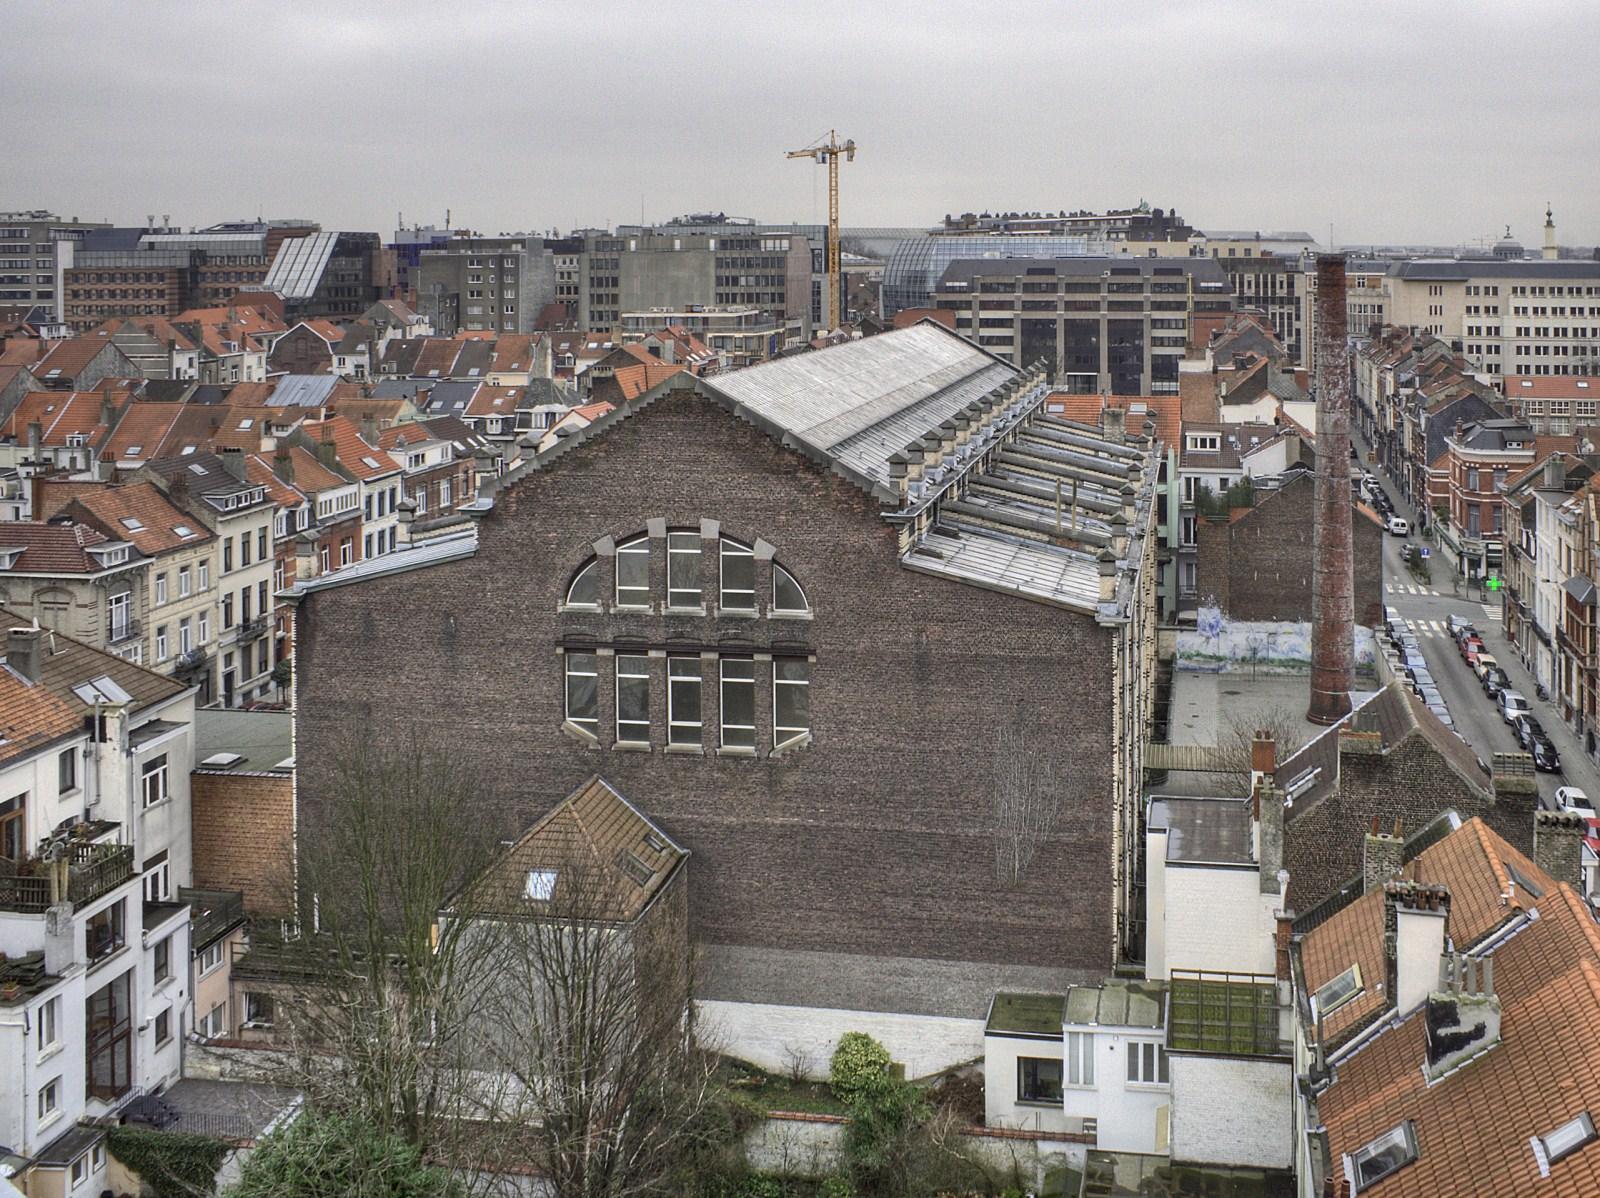 Rue Véronèse 21, ancienne école primaire no 19, aujourd'hui annexe fondamentale Émile Jacqmain – Alfred Mabille, vue depuis un immeuble du square Marguerite.© © V. Brunetta & M. Eberlin, 2009